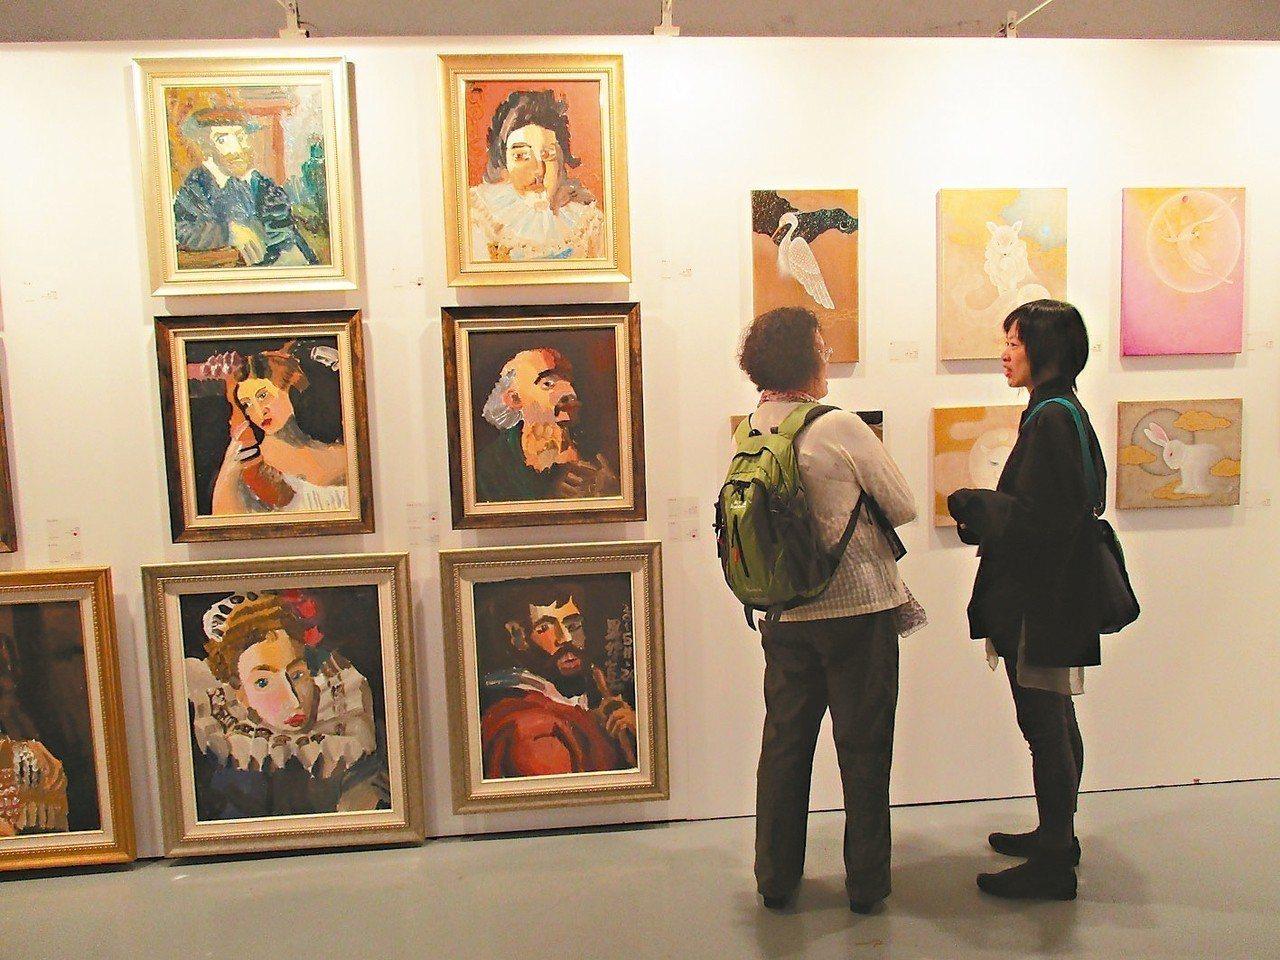 年輕藝術家需要市場與平台,藝術經紀相當重要。圖為台灣輕鬆藝術博覽會,展出許多年輕...